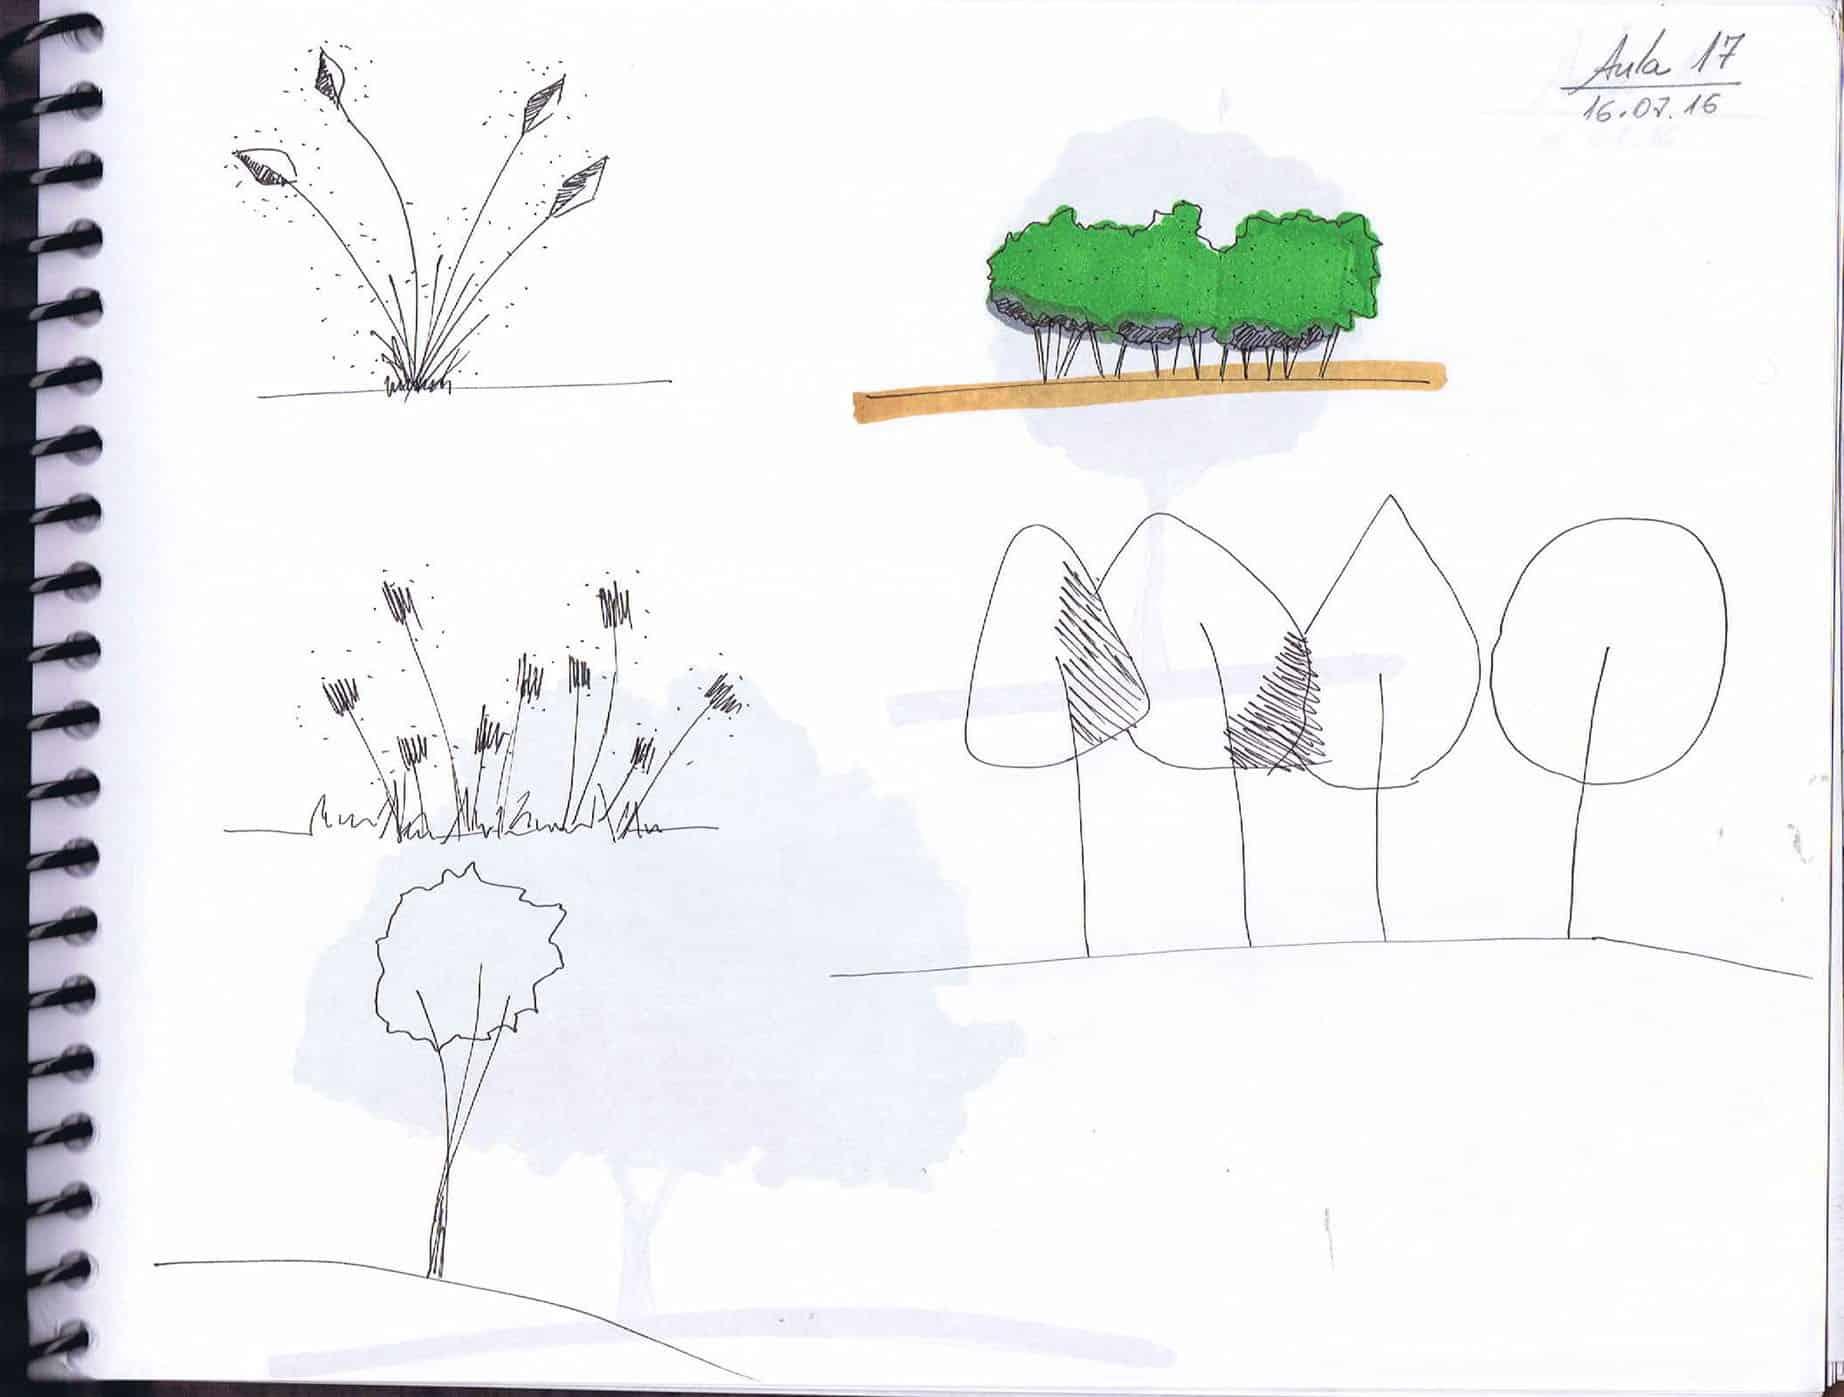 curso perspectivas mão livre anderson de souza ferreira14 - Trabalhos de Perspectiva a Mão Livre